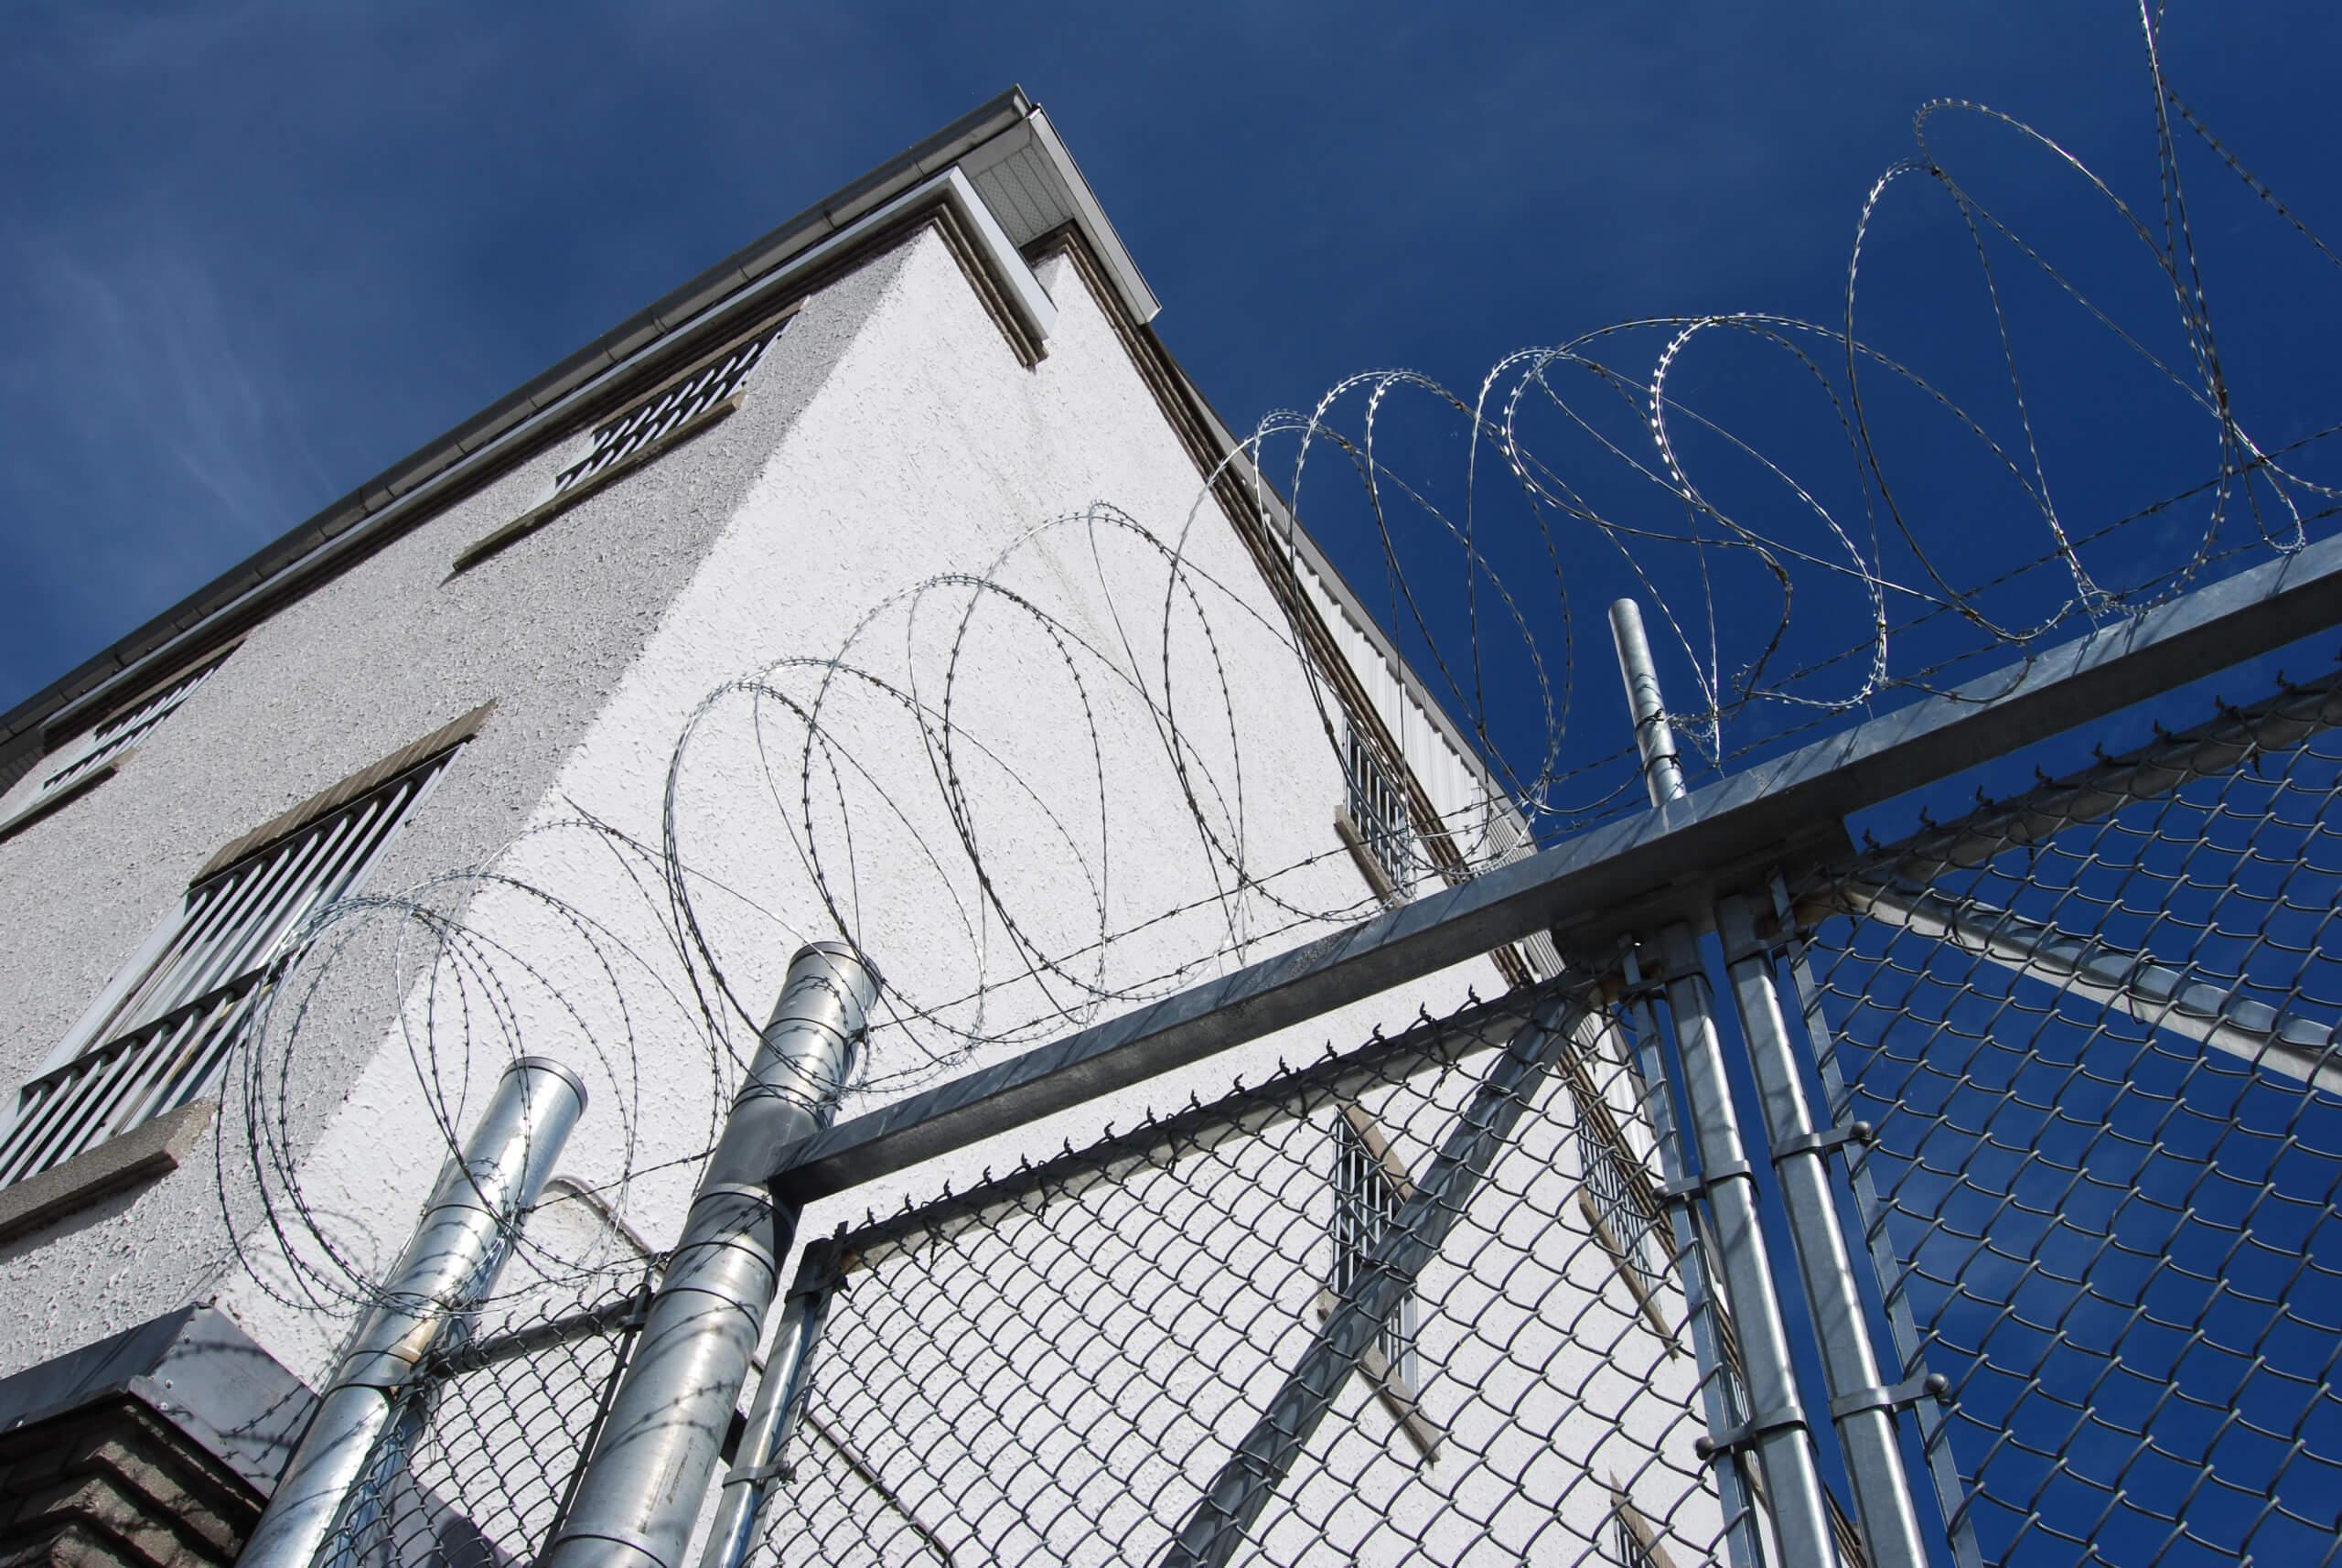 Wer profitiert von Gefängnisarbeit?